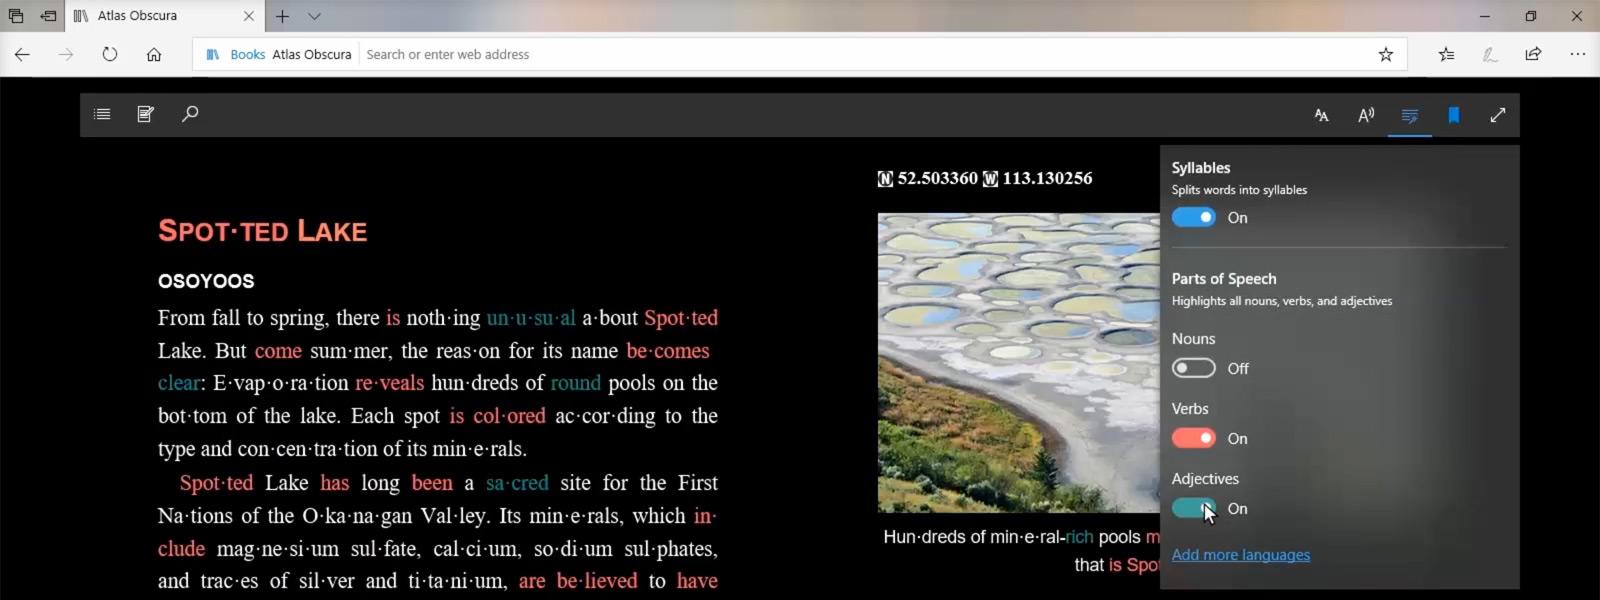 Képernyőkép a Taneszközök funkcióról a főnevek, igék és melléknevek kiemelésével egy weboldalon